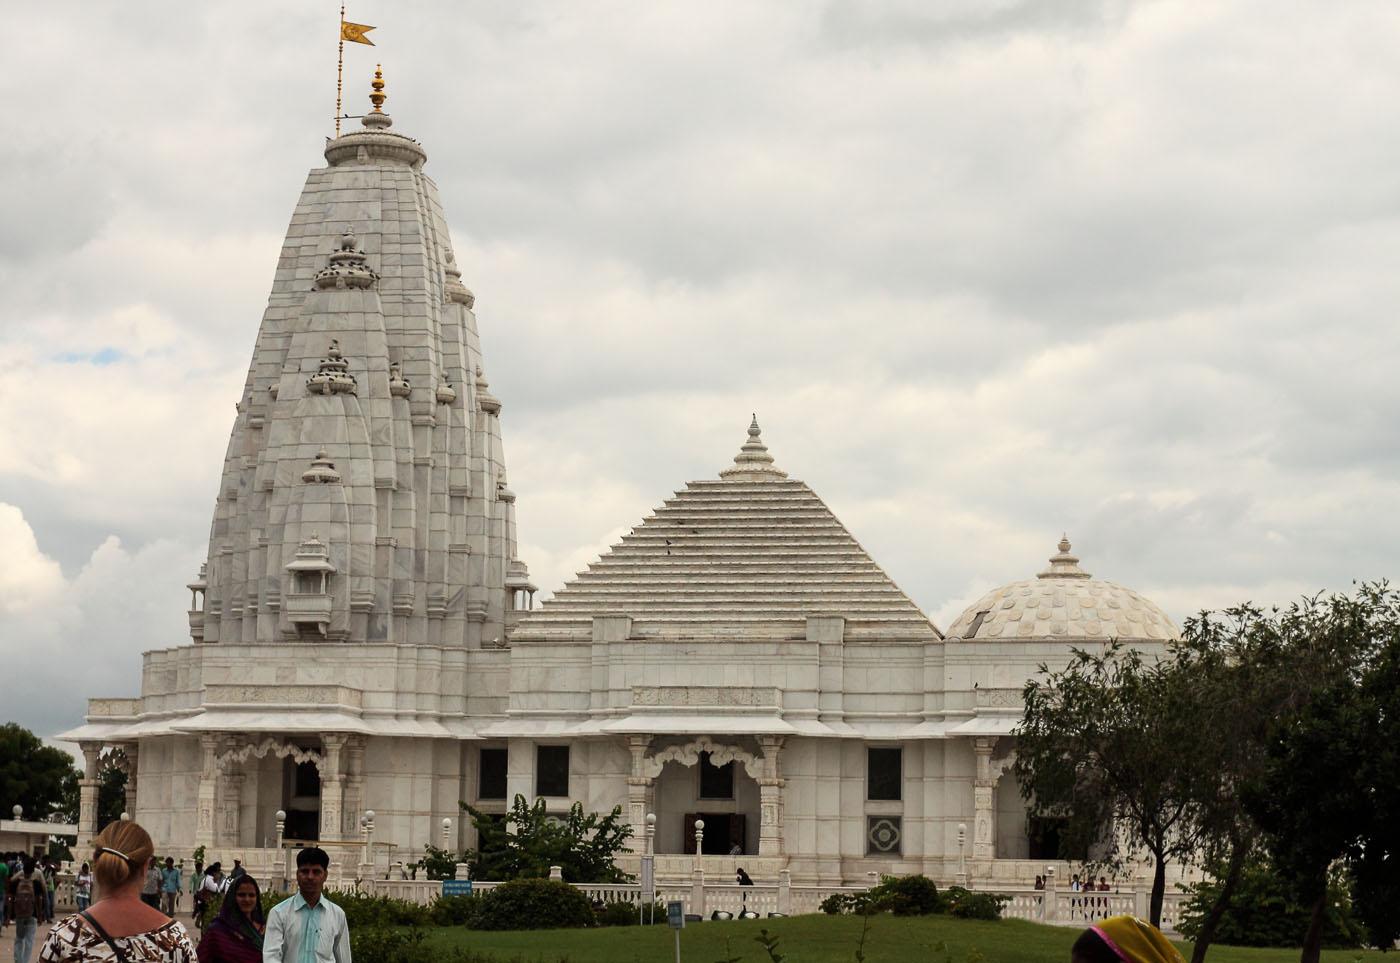 Фото 25. Храм Бирла в Джайпуре. Поездки по Индии туристов из Москвы.